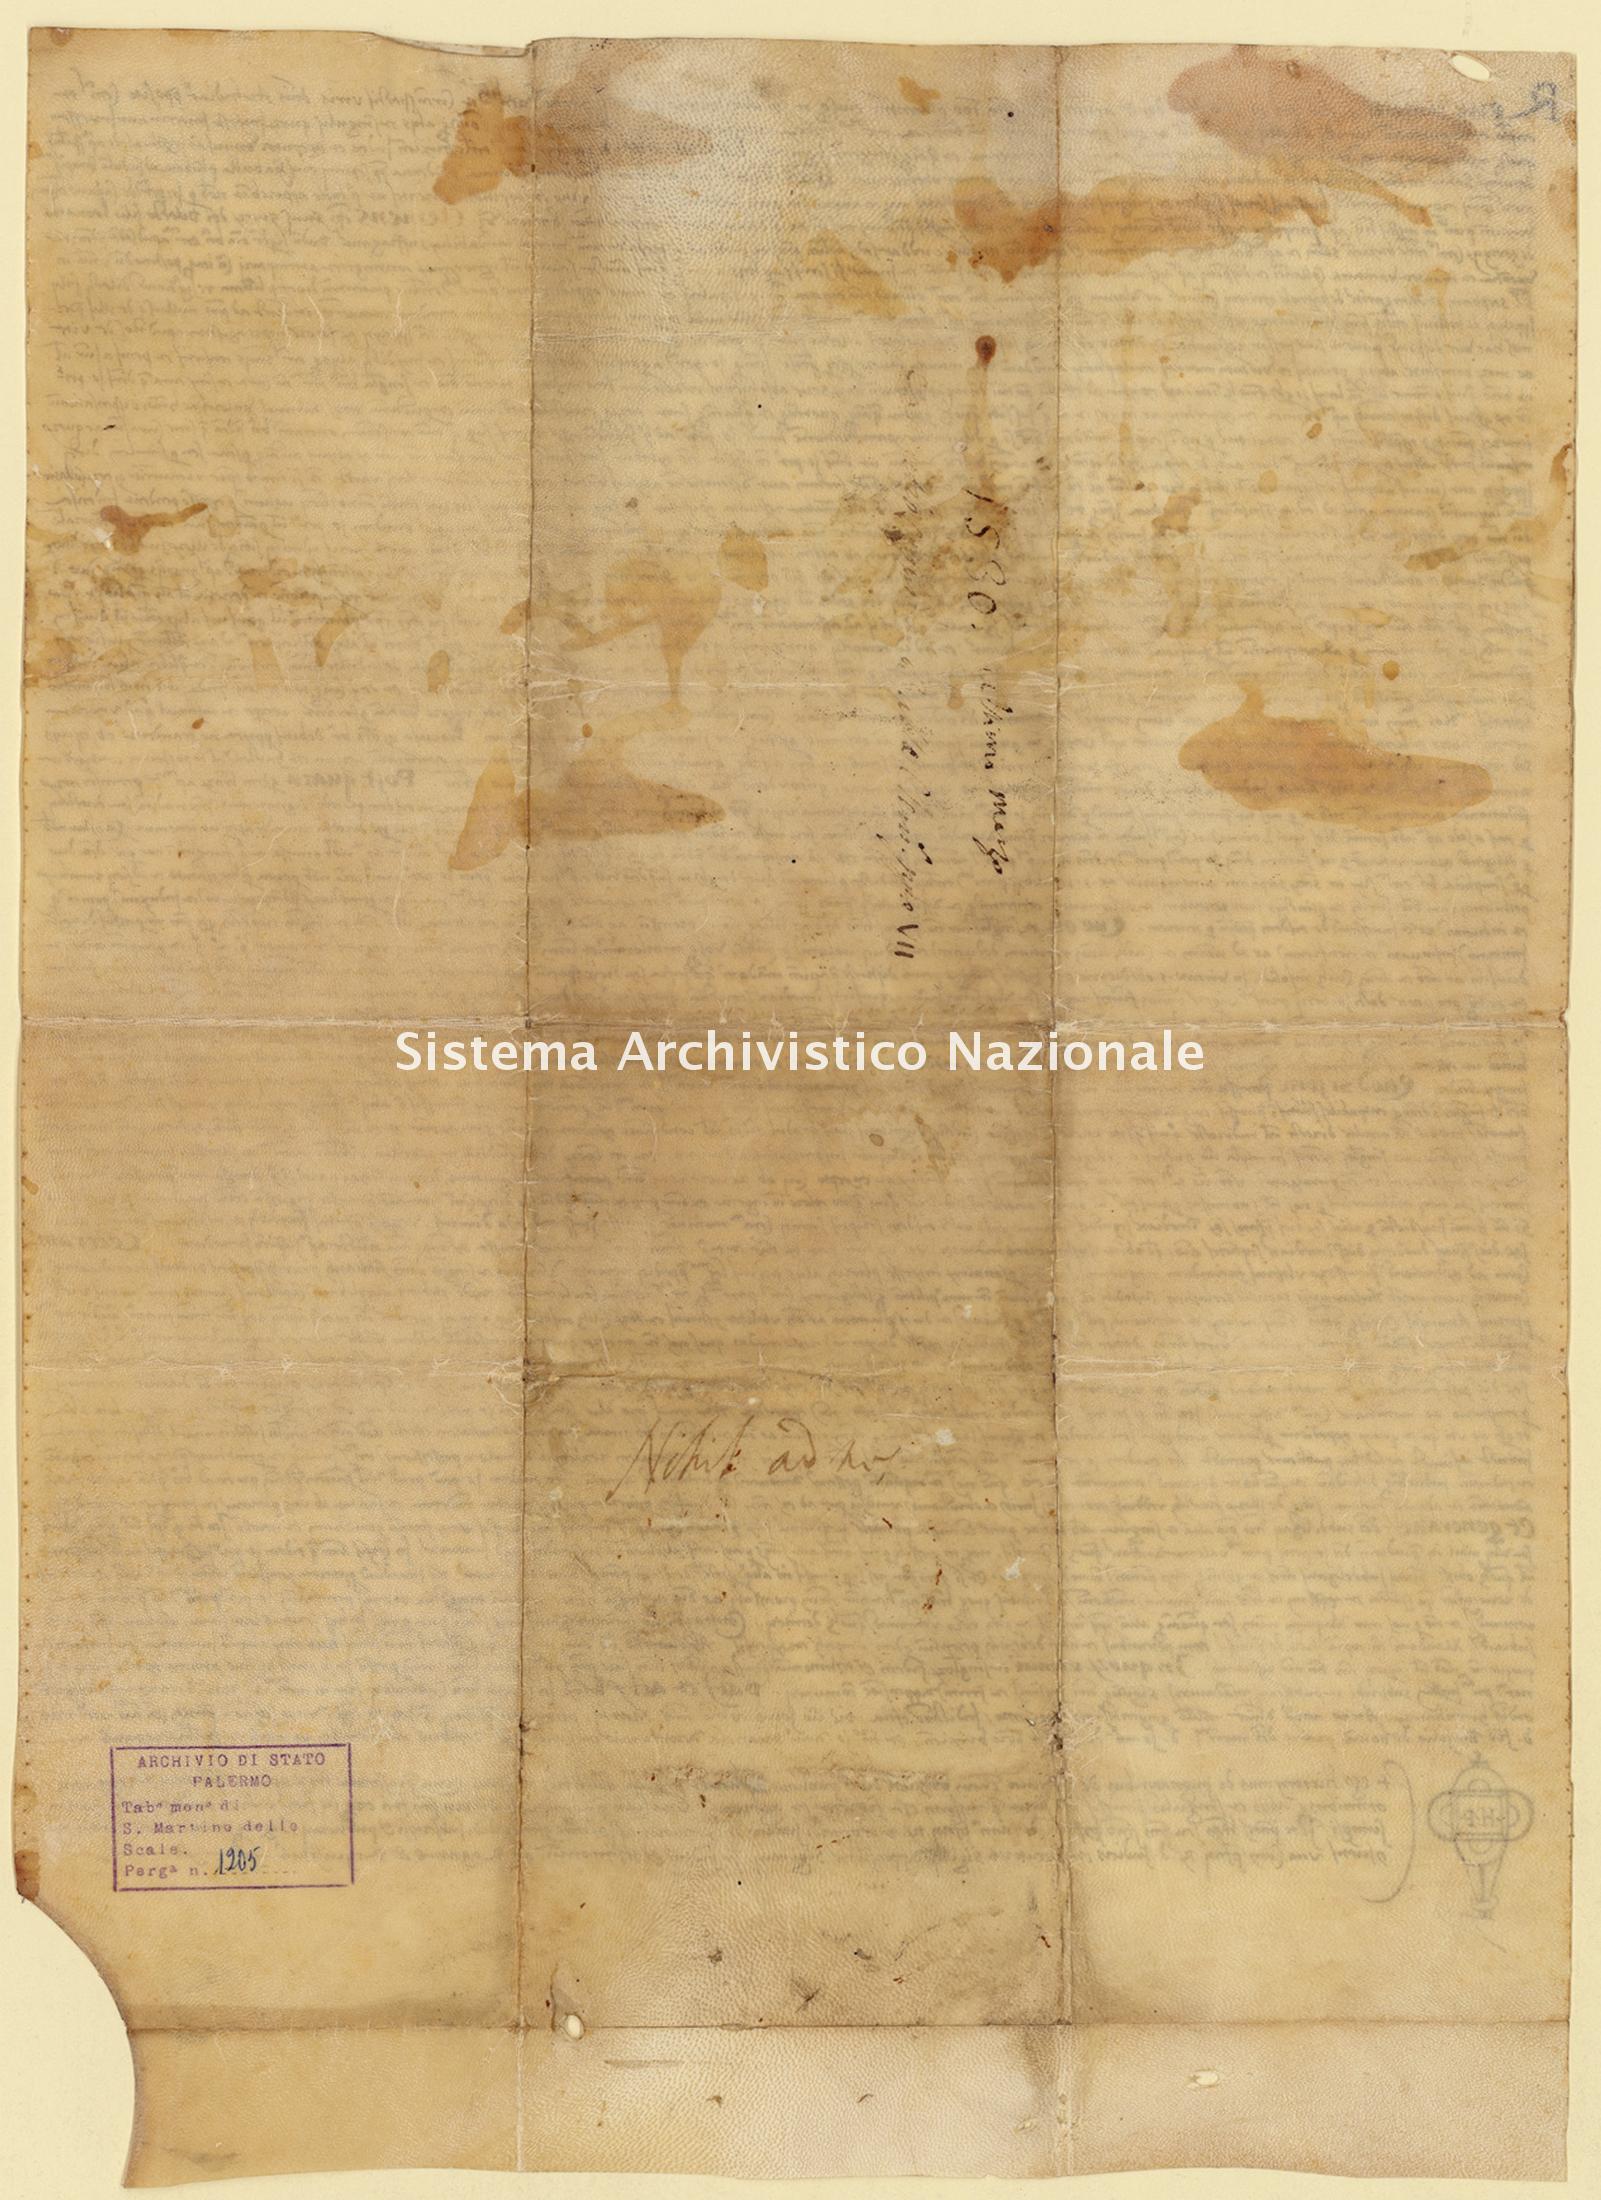 Archivio di Stato di Palermo, Diplomatico, Tabulario del monastero di San Martino delle Scale, Pergamena TSMS 1205